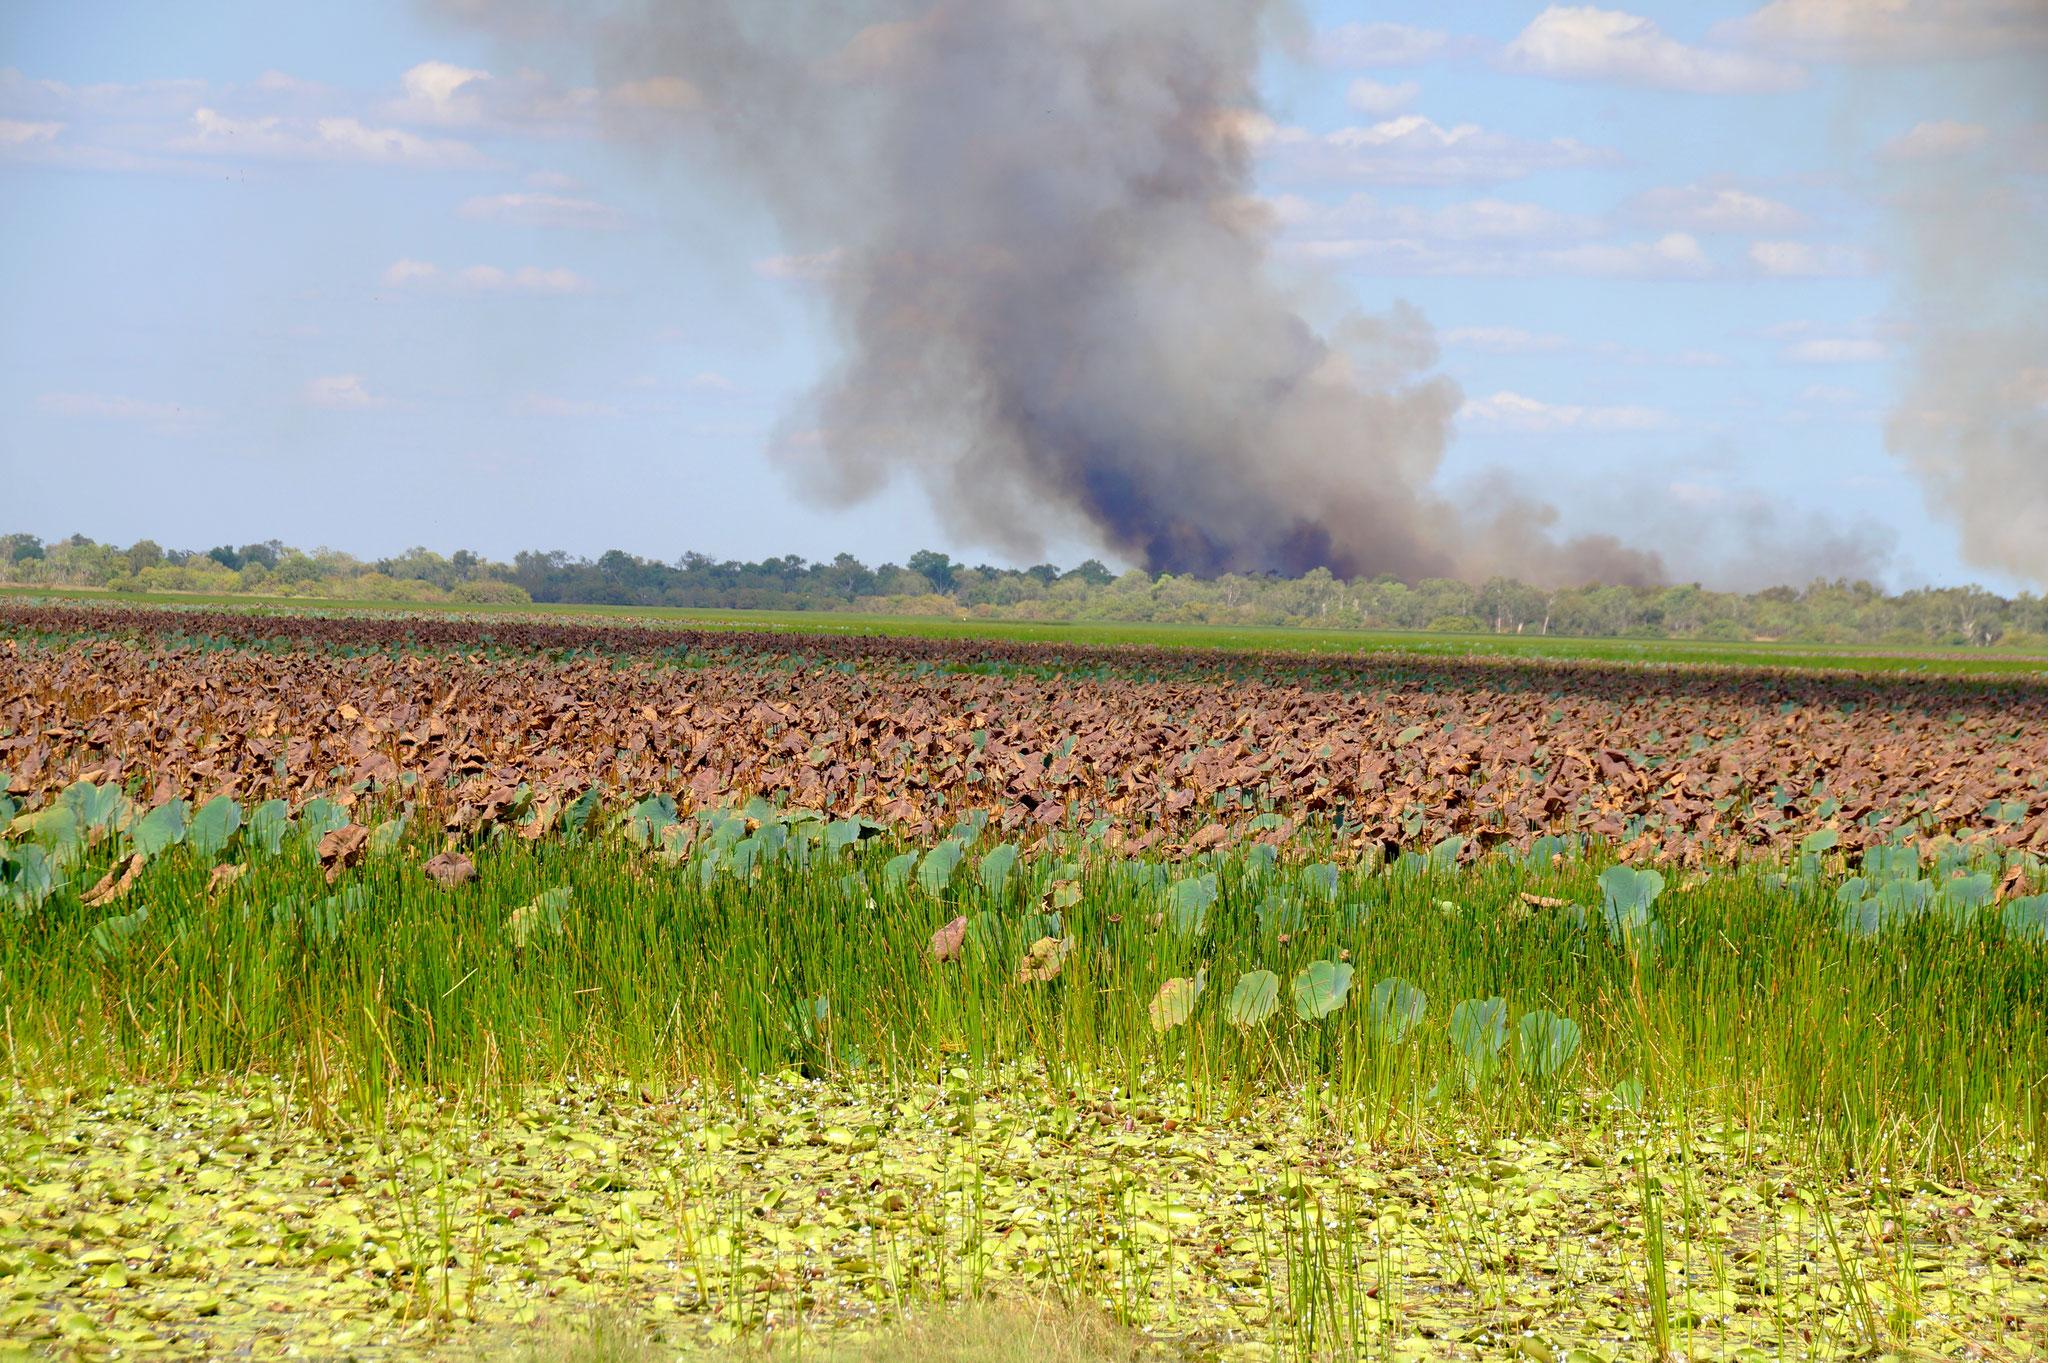 Im Mai sahen wir von der Vogelwarte der Mamukala Wetlands aus nur den Rauch eines Buschfeuers.